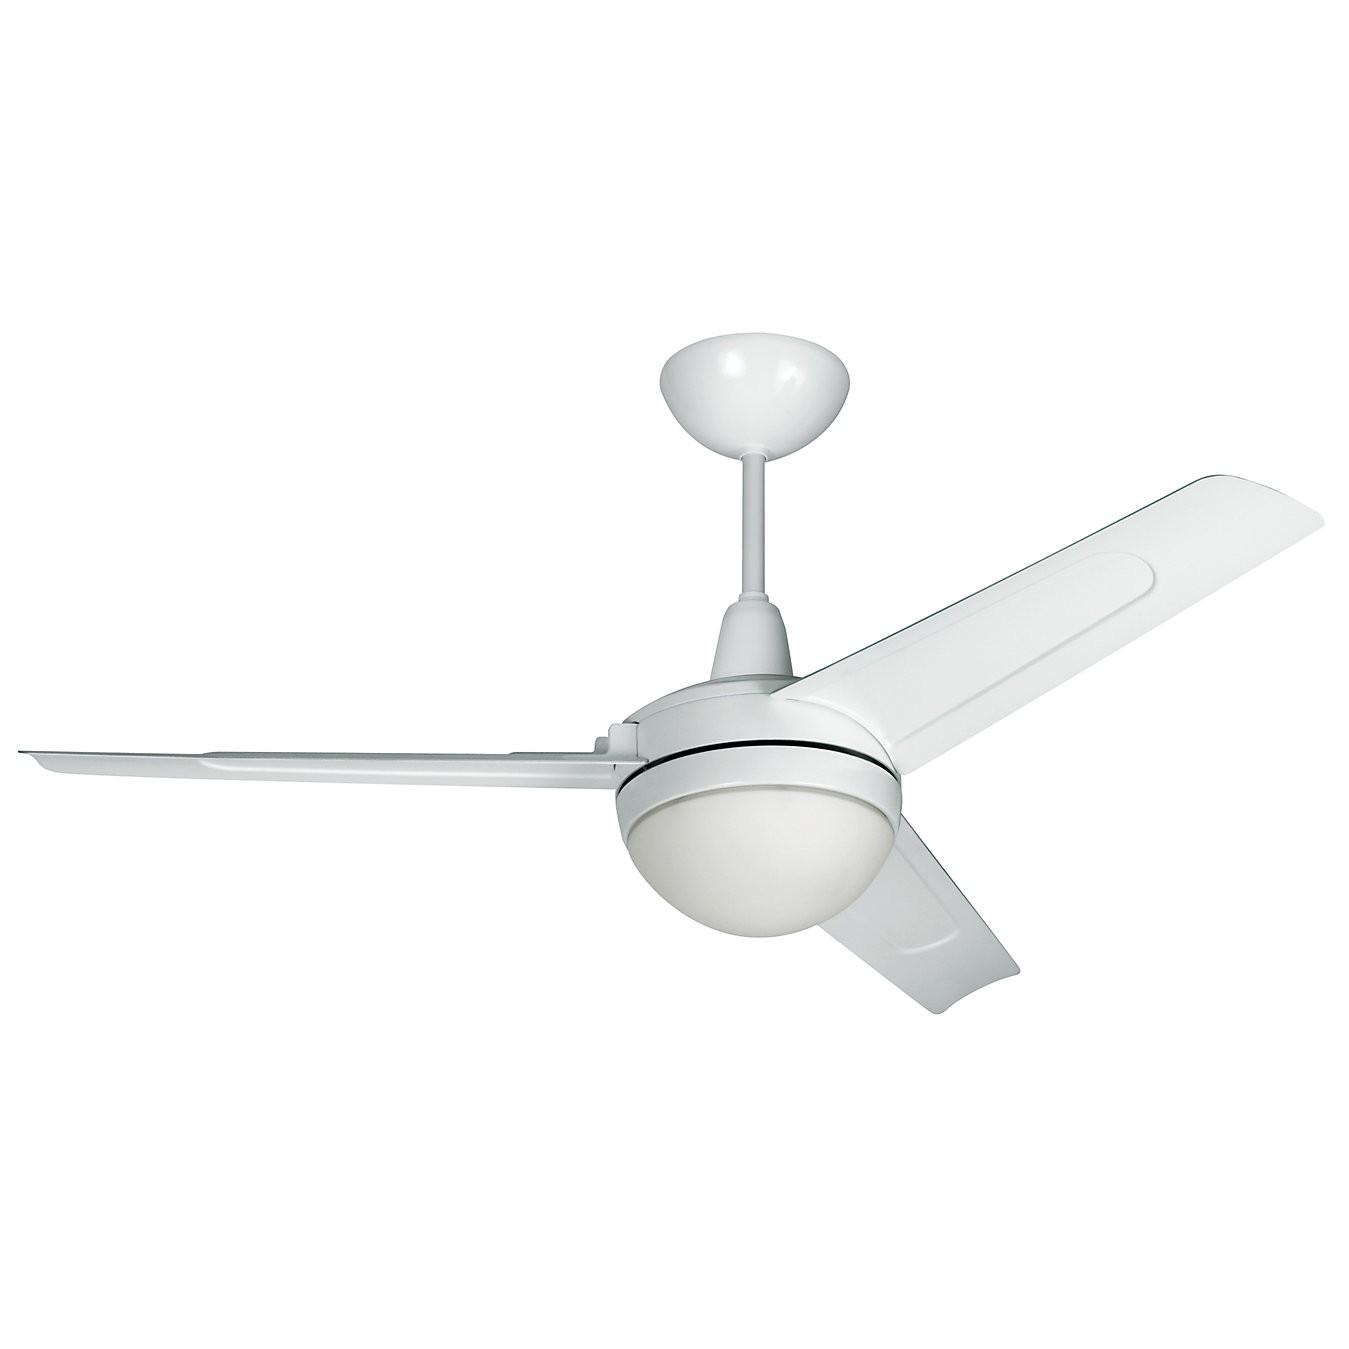 Ventilador de Teto Arno 3 Pas 1830004407 Branco 220V - 2 Lampadas 3 Velocidades